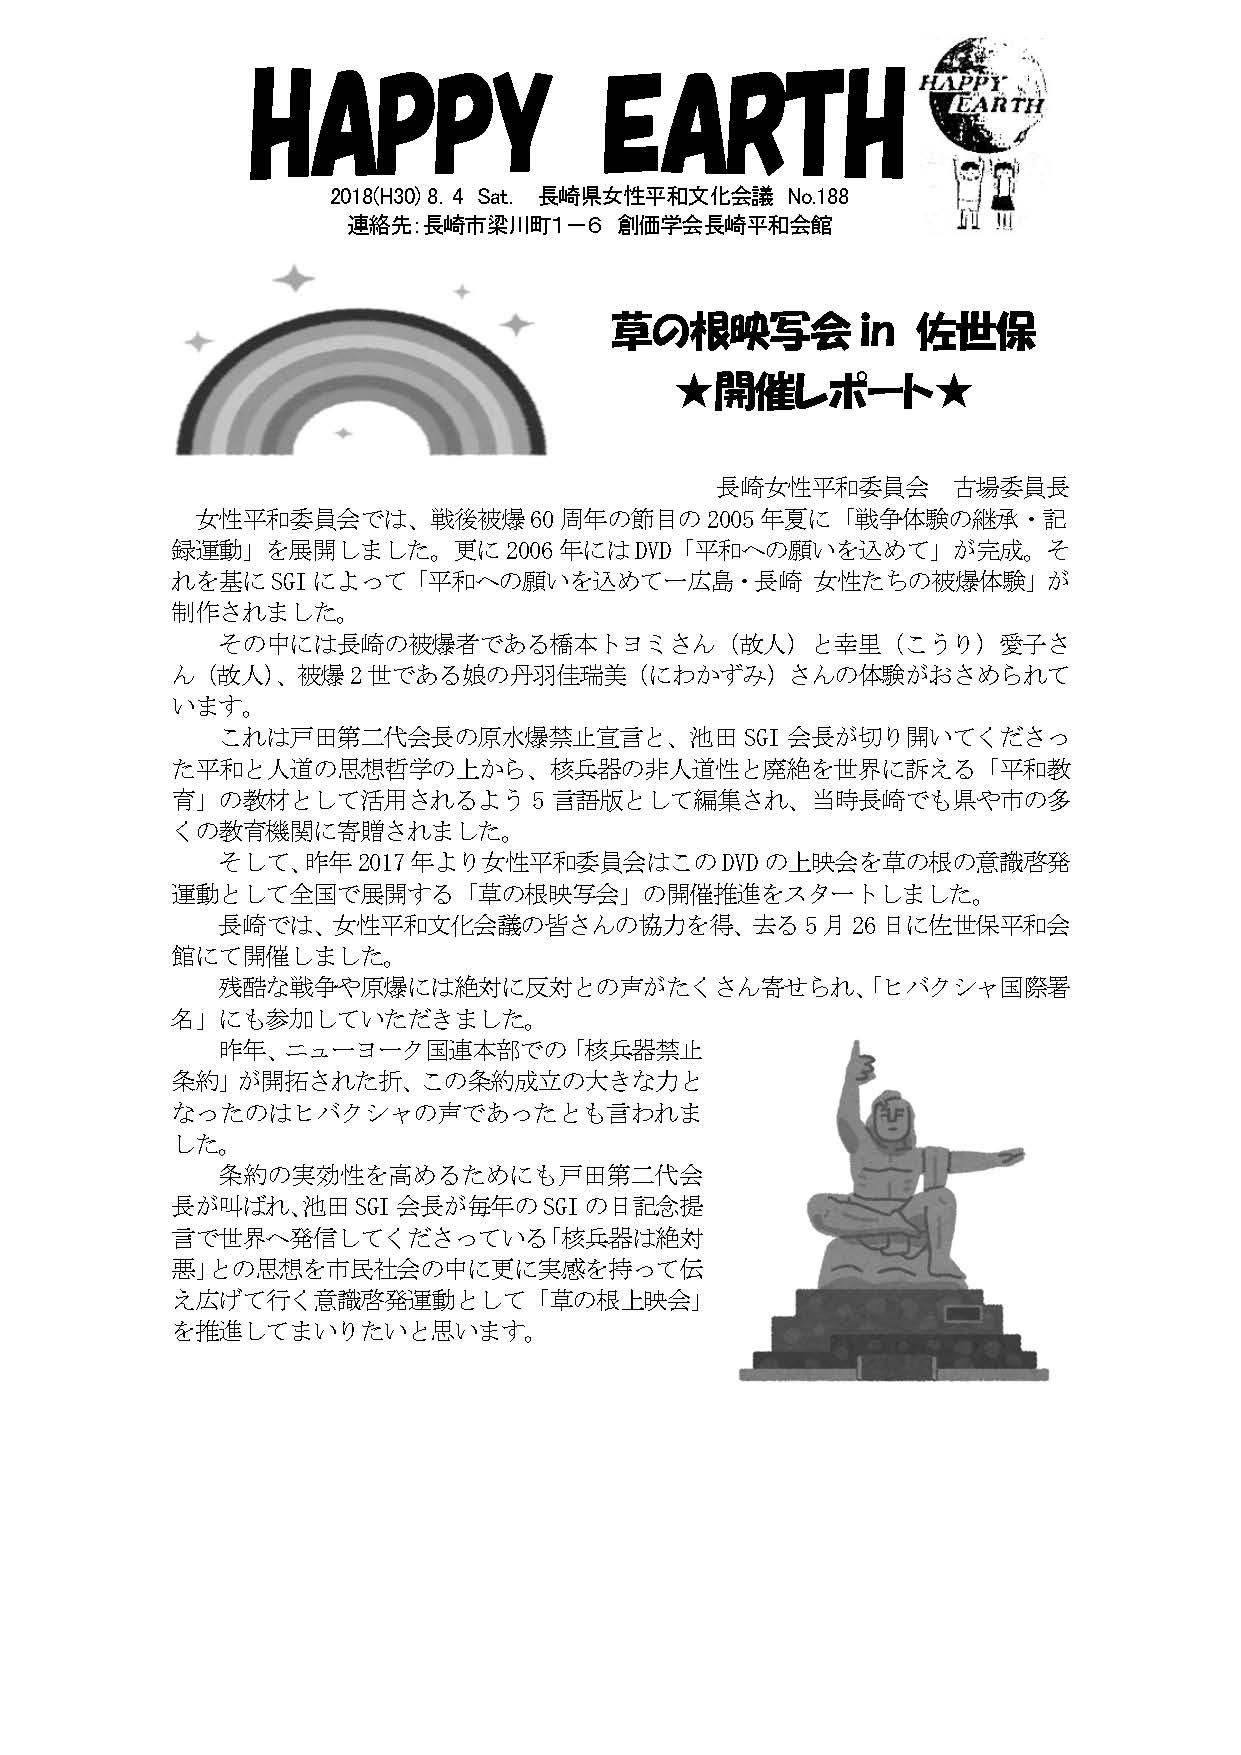 長崎創価学会 HAPPY EARTH. 2018.8.4